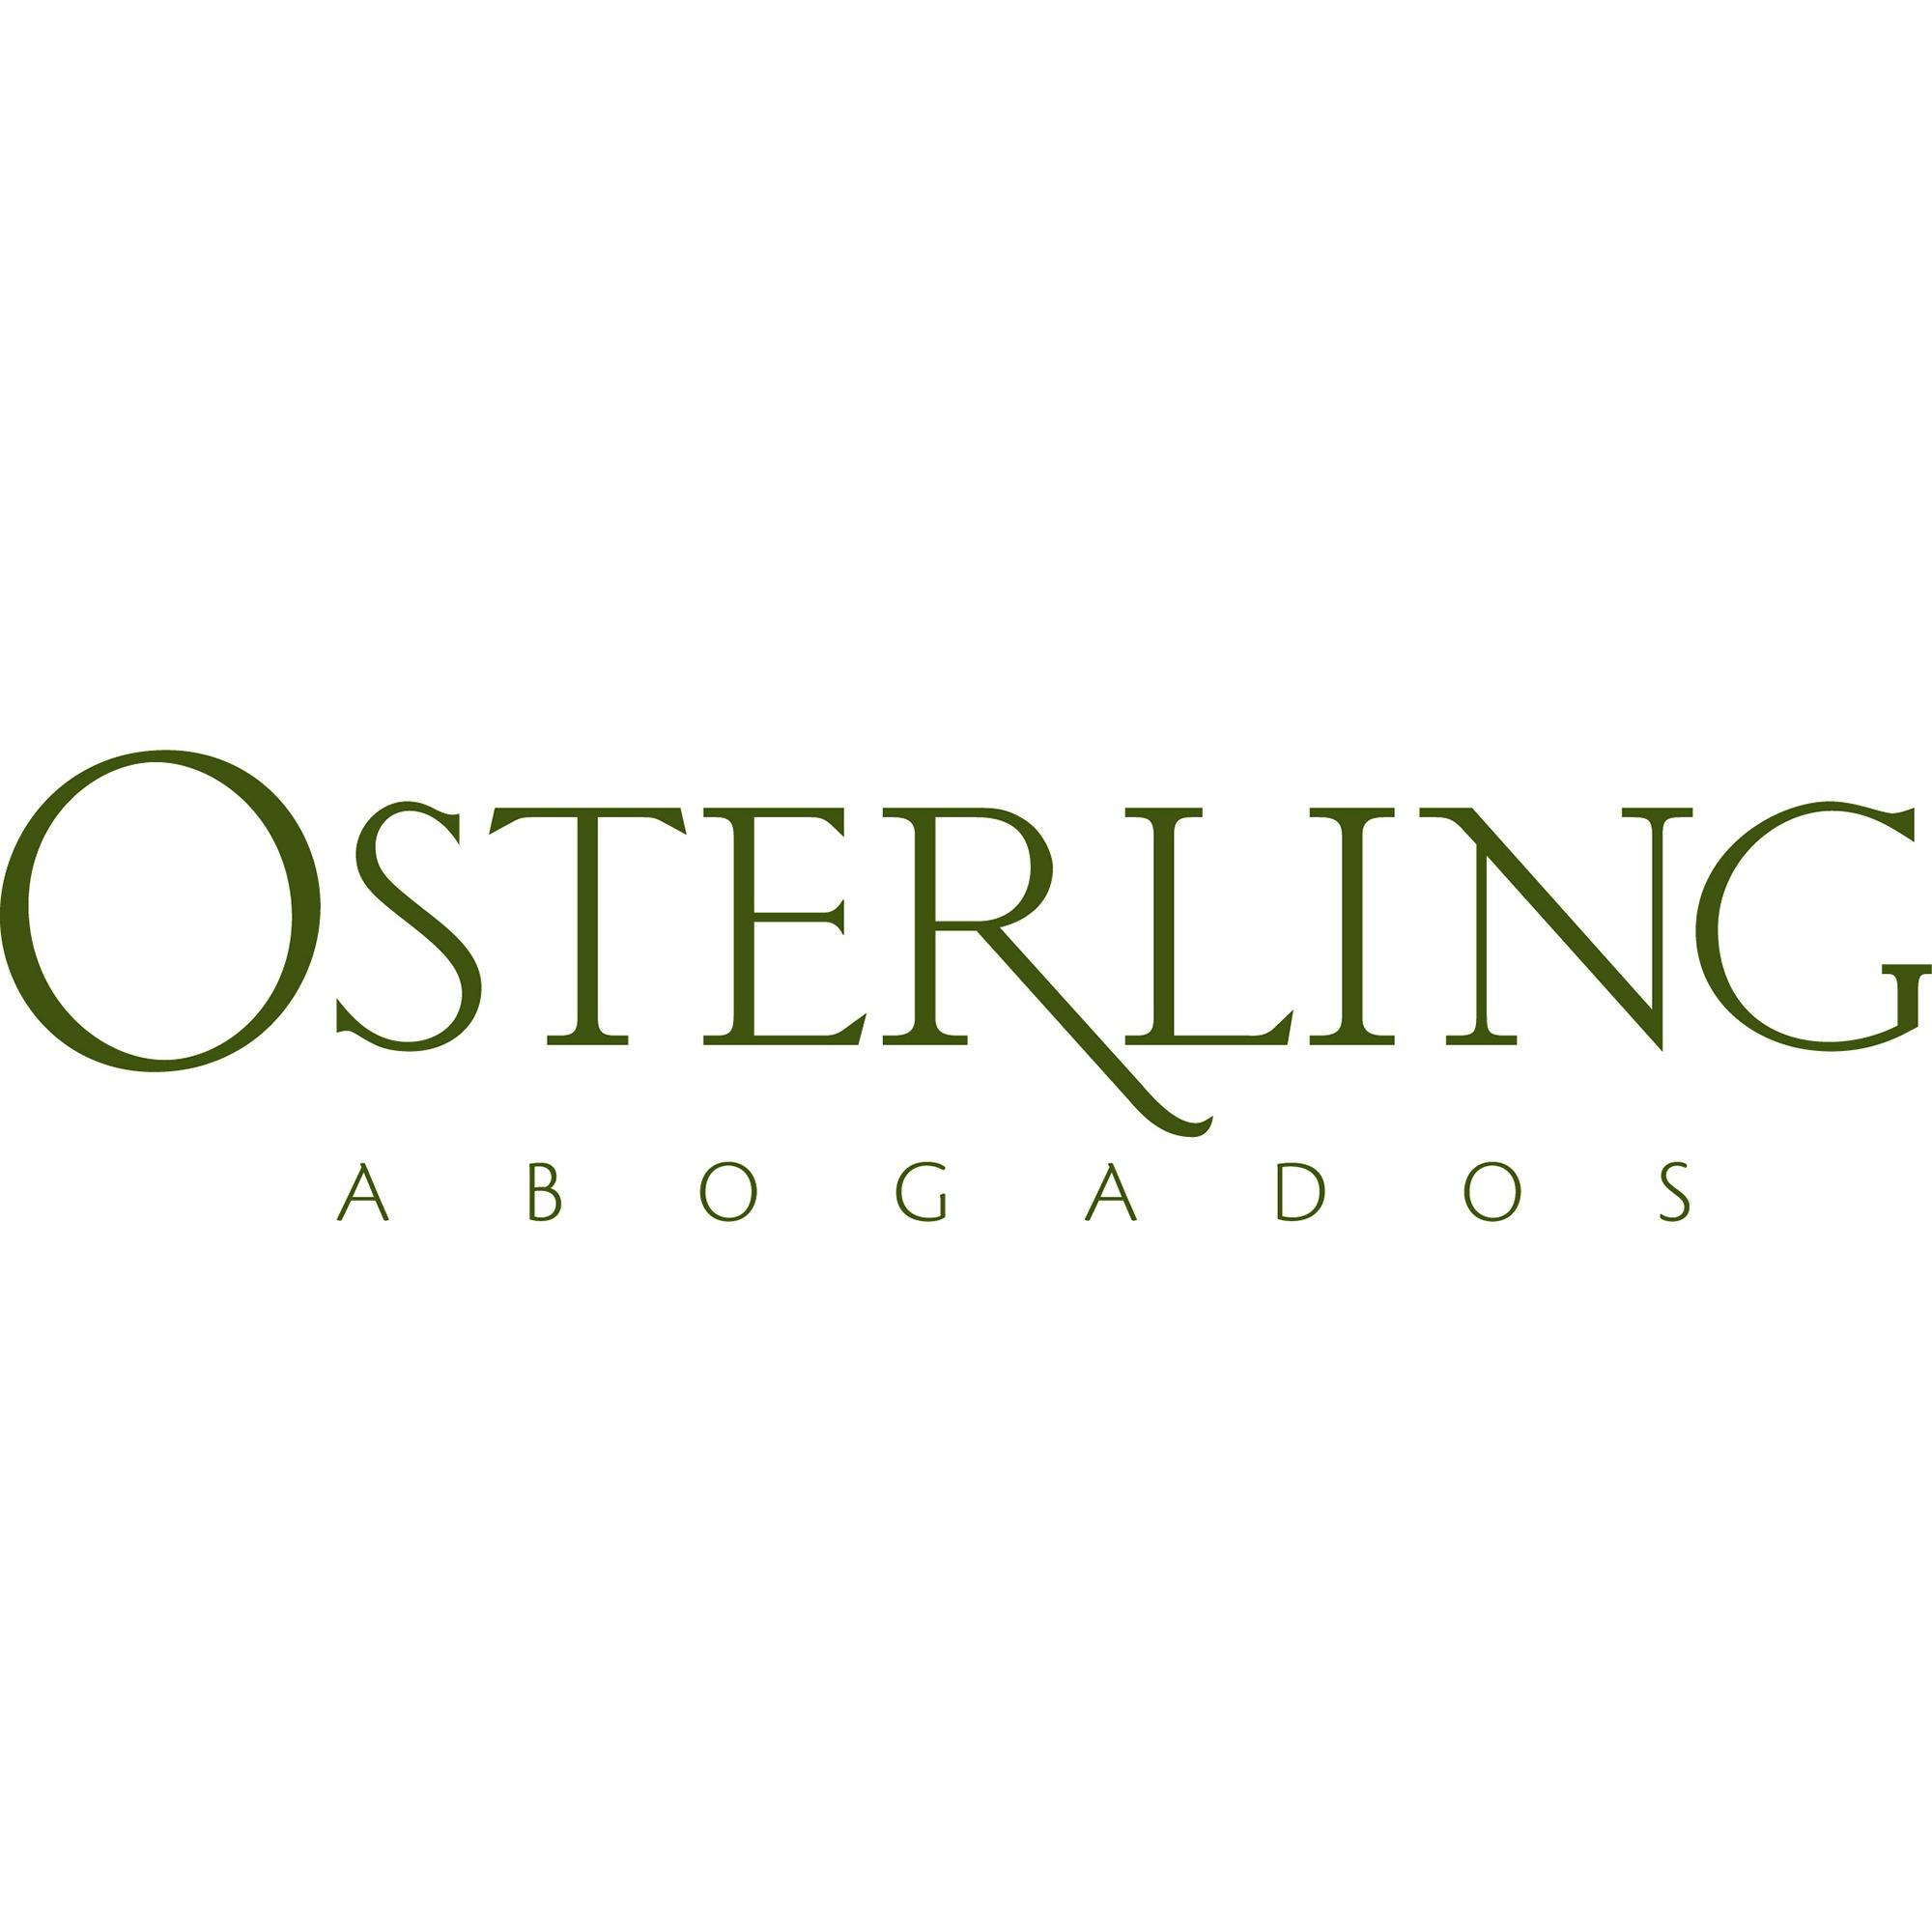 the Osterling Abogados logo.